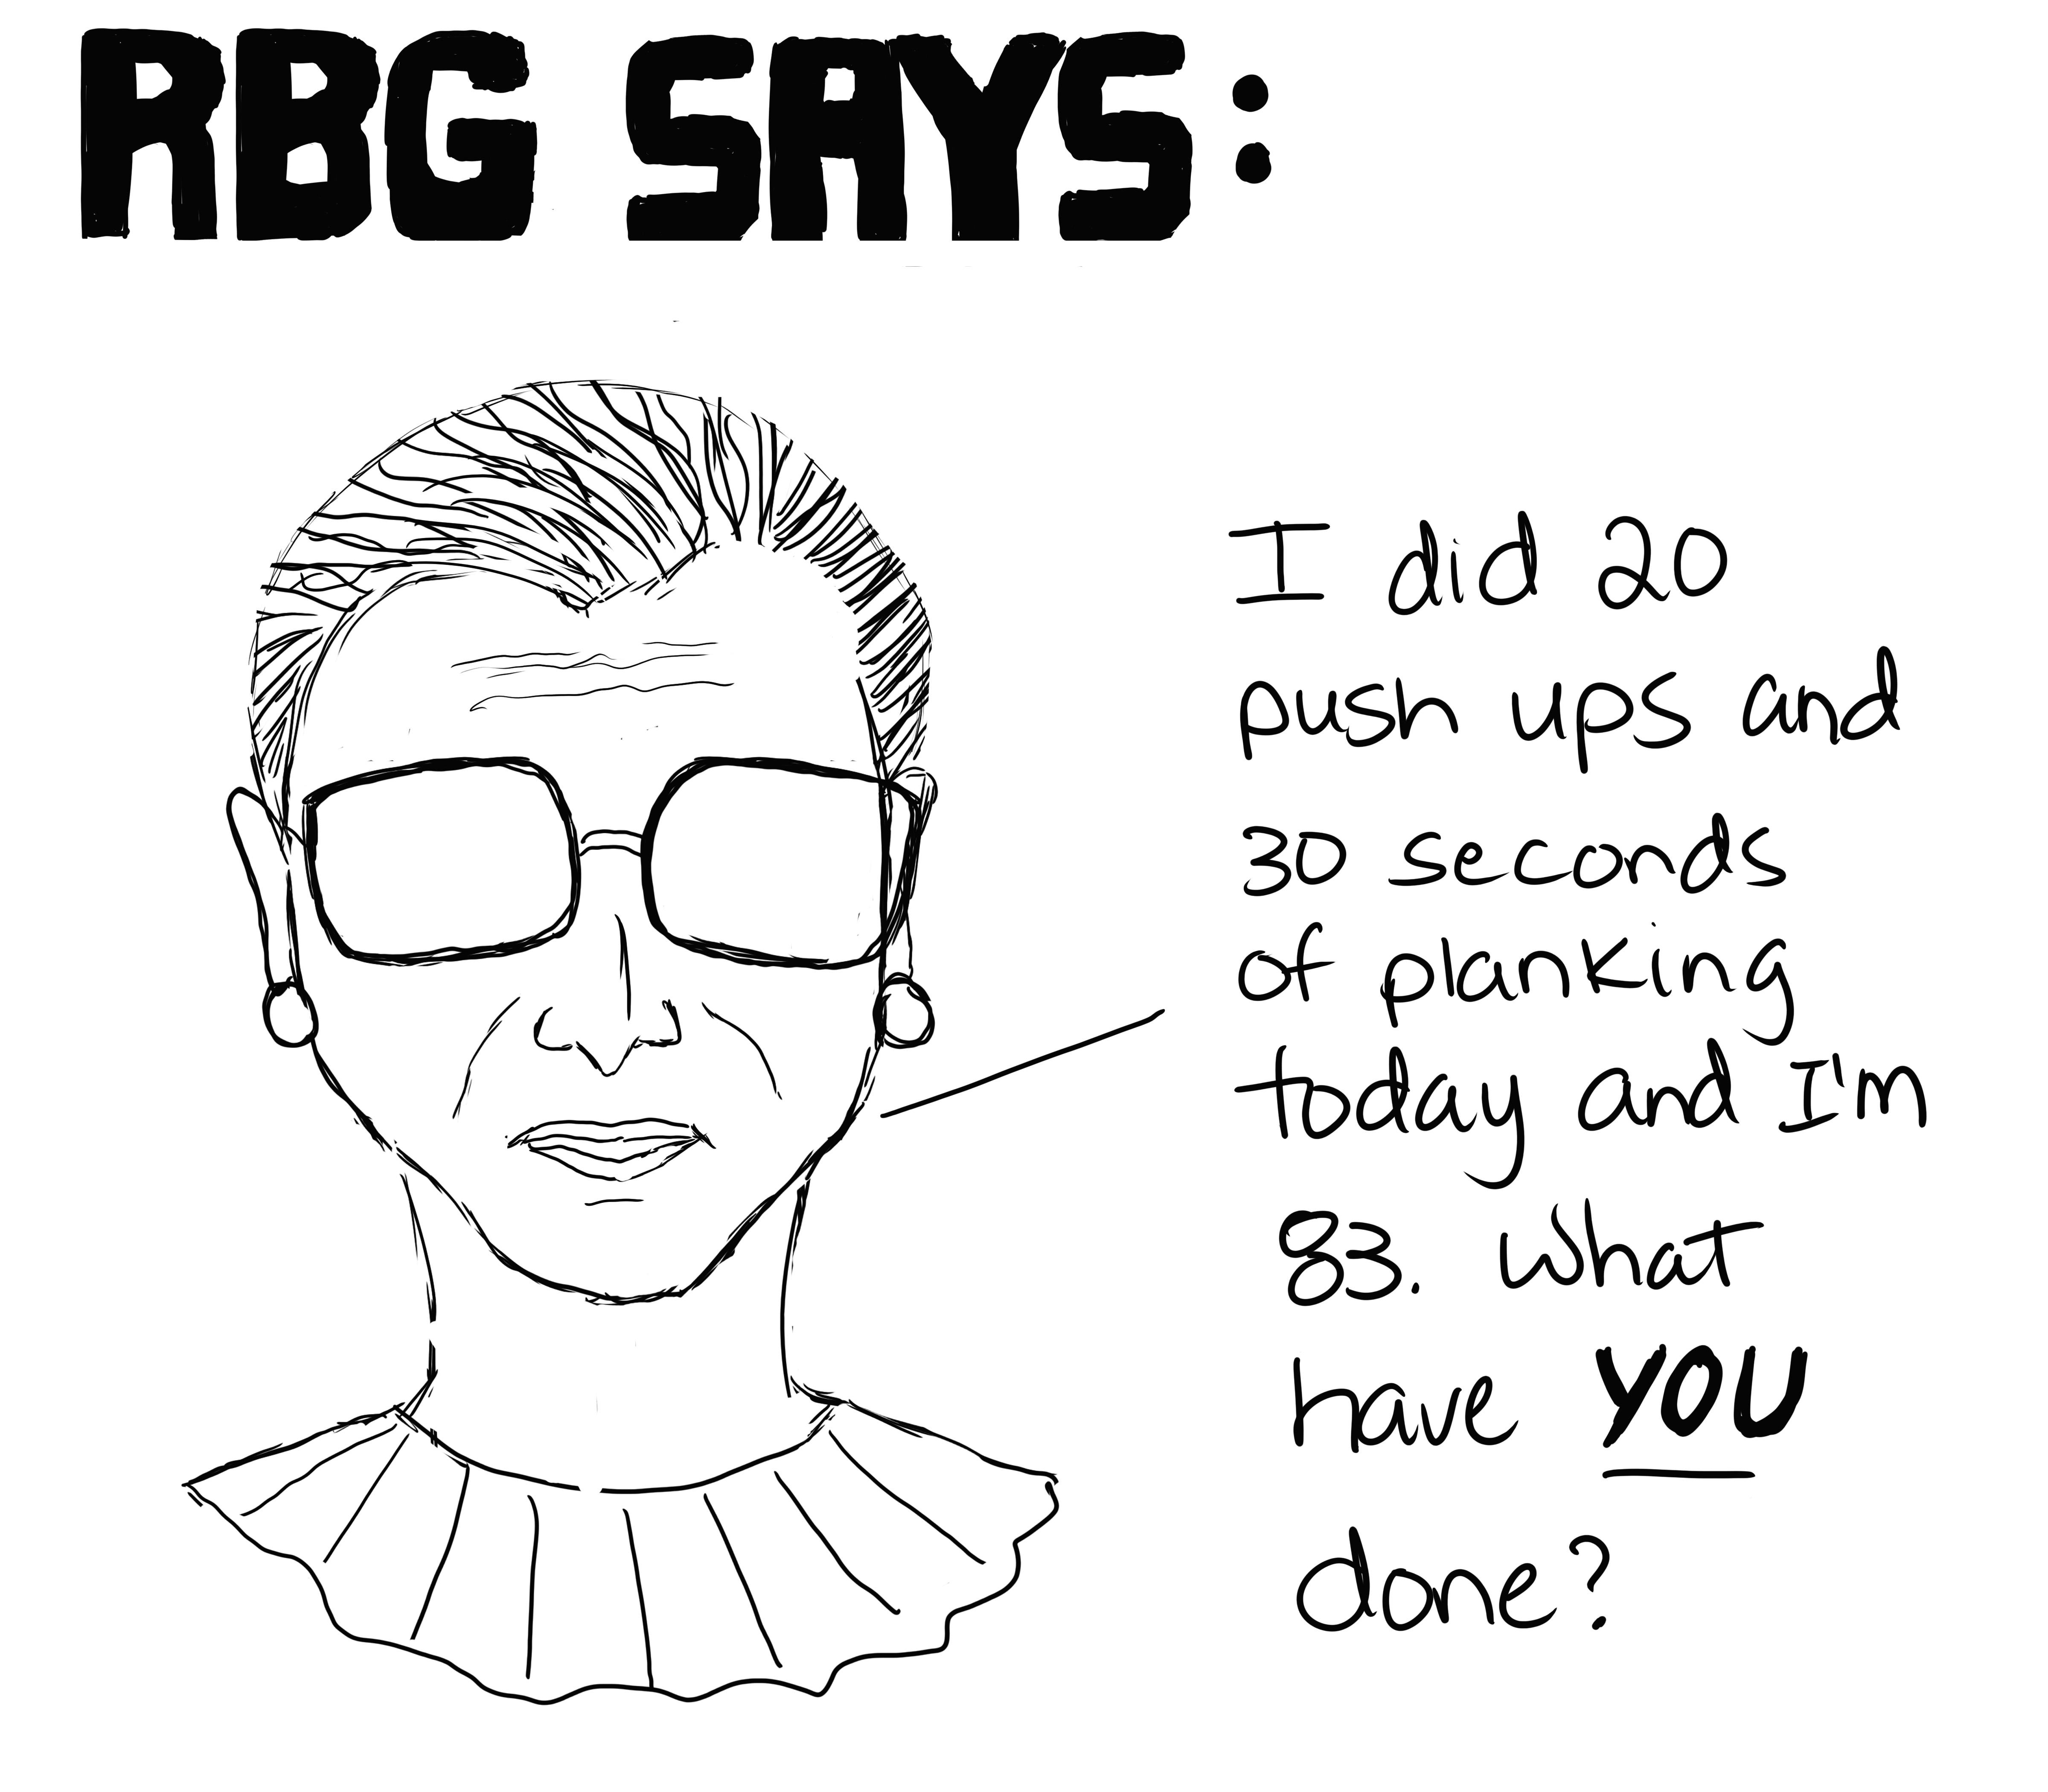 028-rbg-says